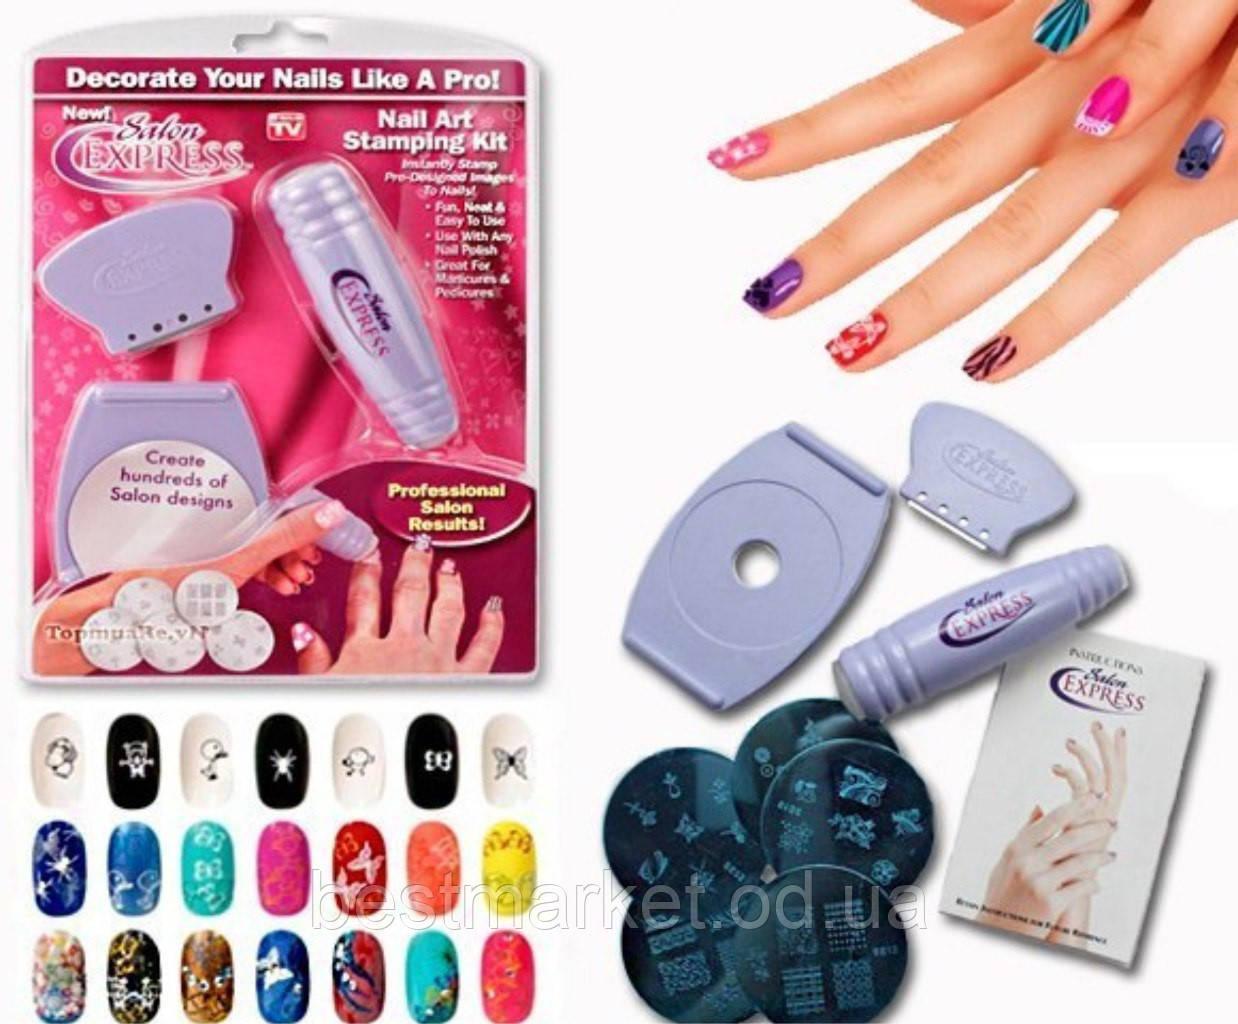 Маникюрный Набор для Росписи и Дизайна Ногтей Salon Express